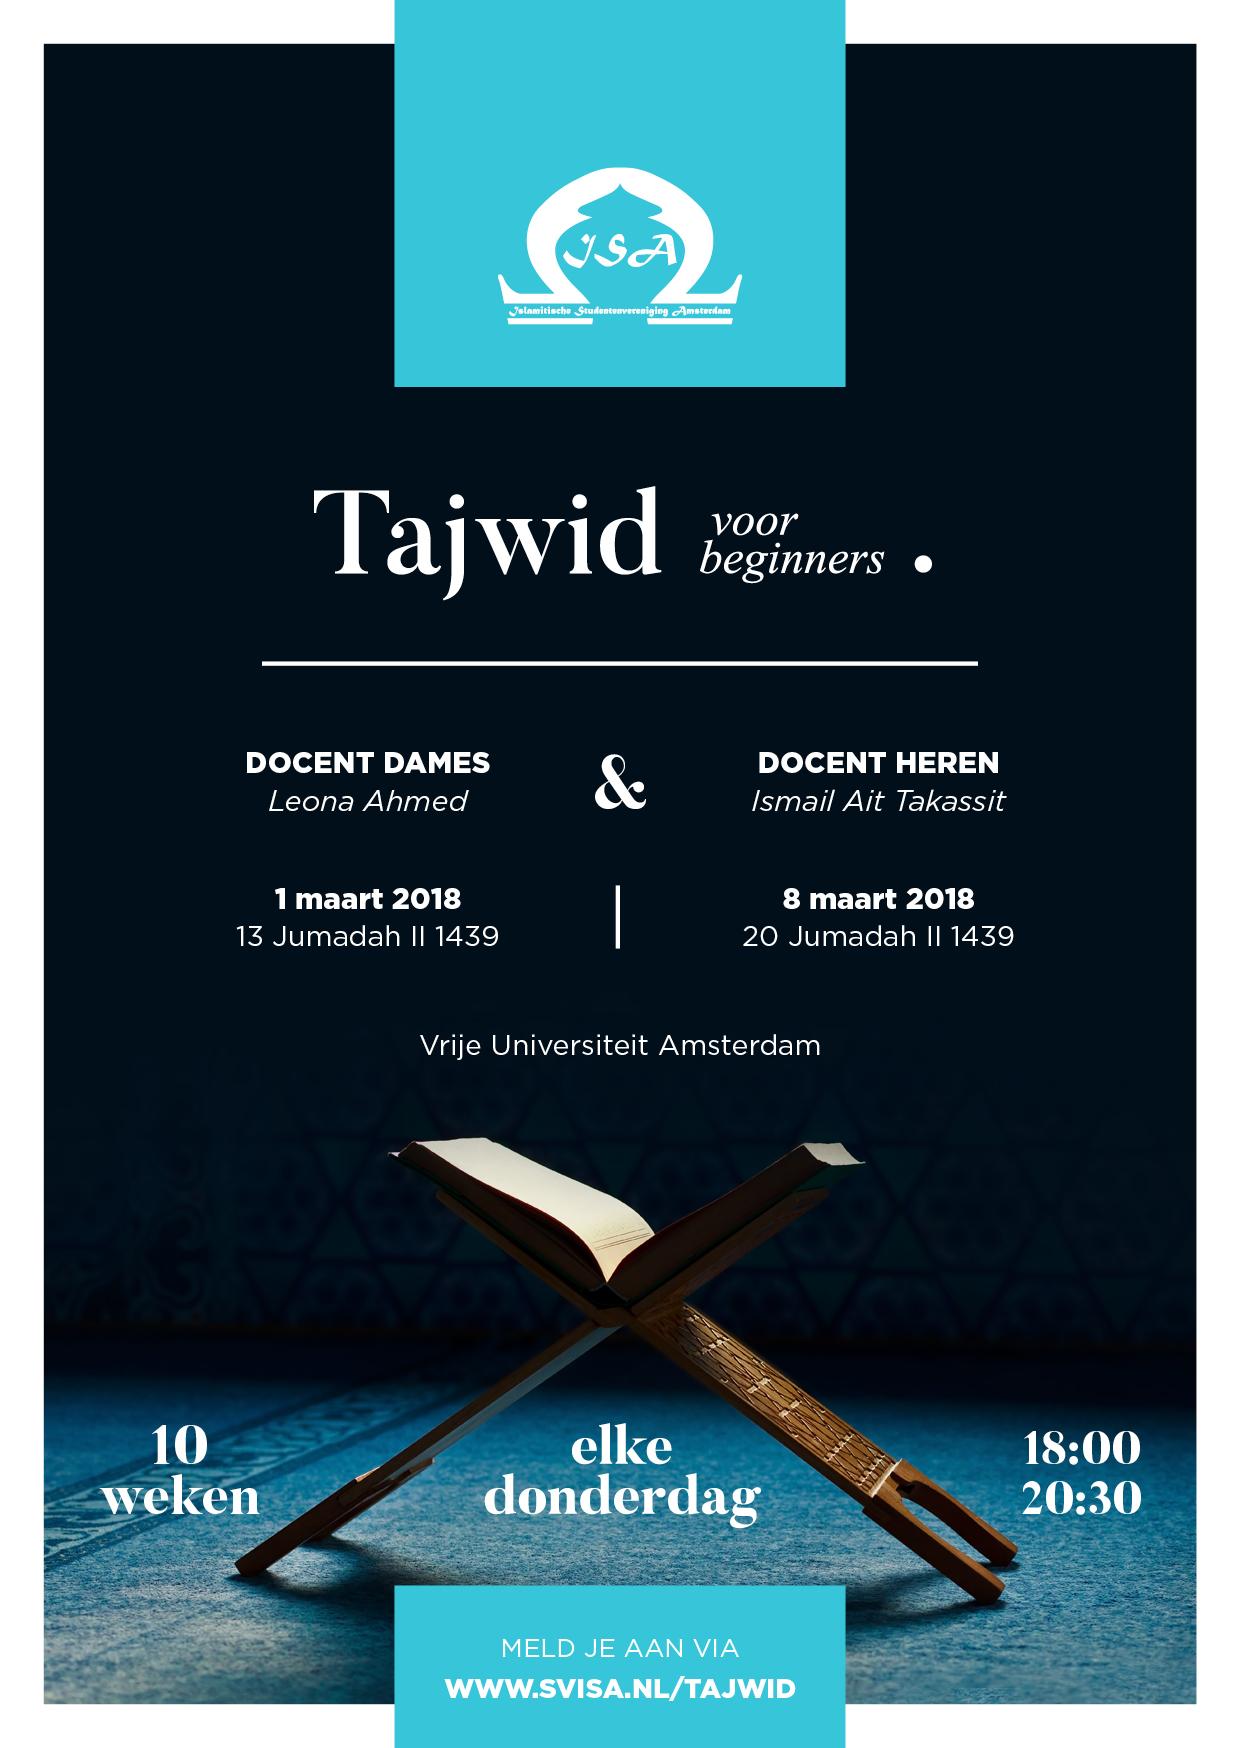 flyer-tajwid